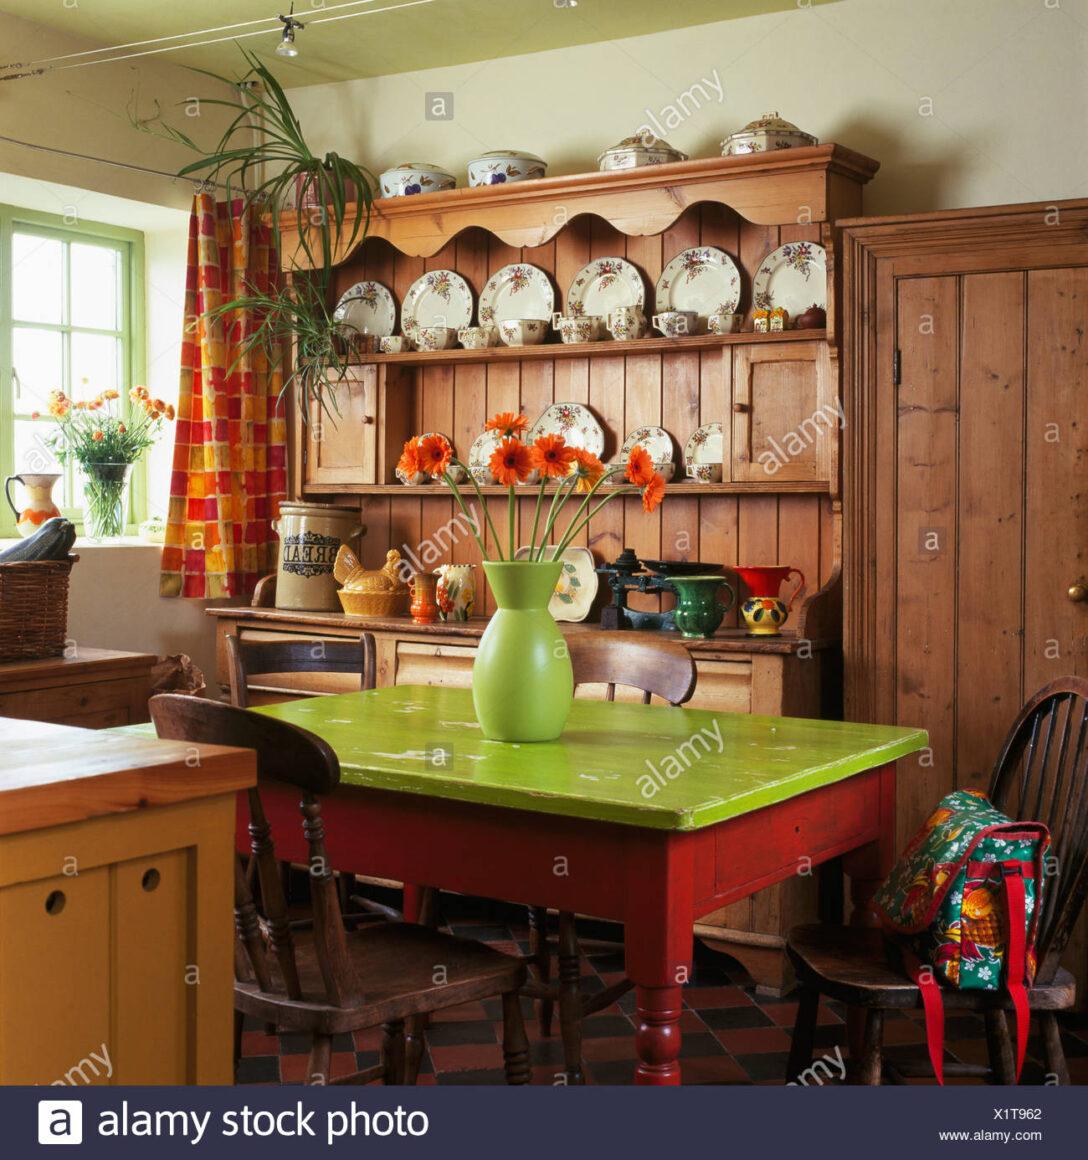 Large Size of Tisch Mit Lime Grn Lackierten Tischplatte Im Cottage Kche Einbauküche Nobilia Bad Kommode Weiß Hochglanz Lüftung Küche L Kochinsel Industrie Vollholzküche Wohnzimmer Kommode Küche